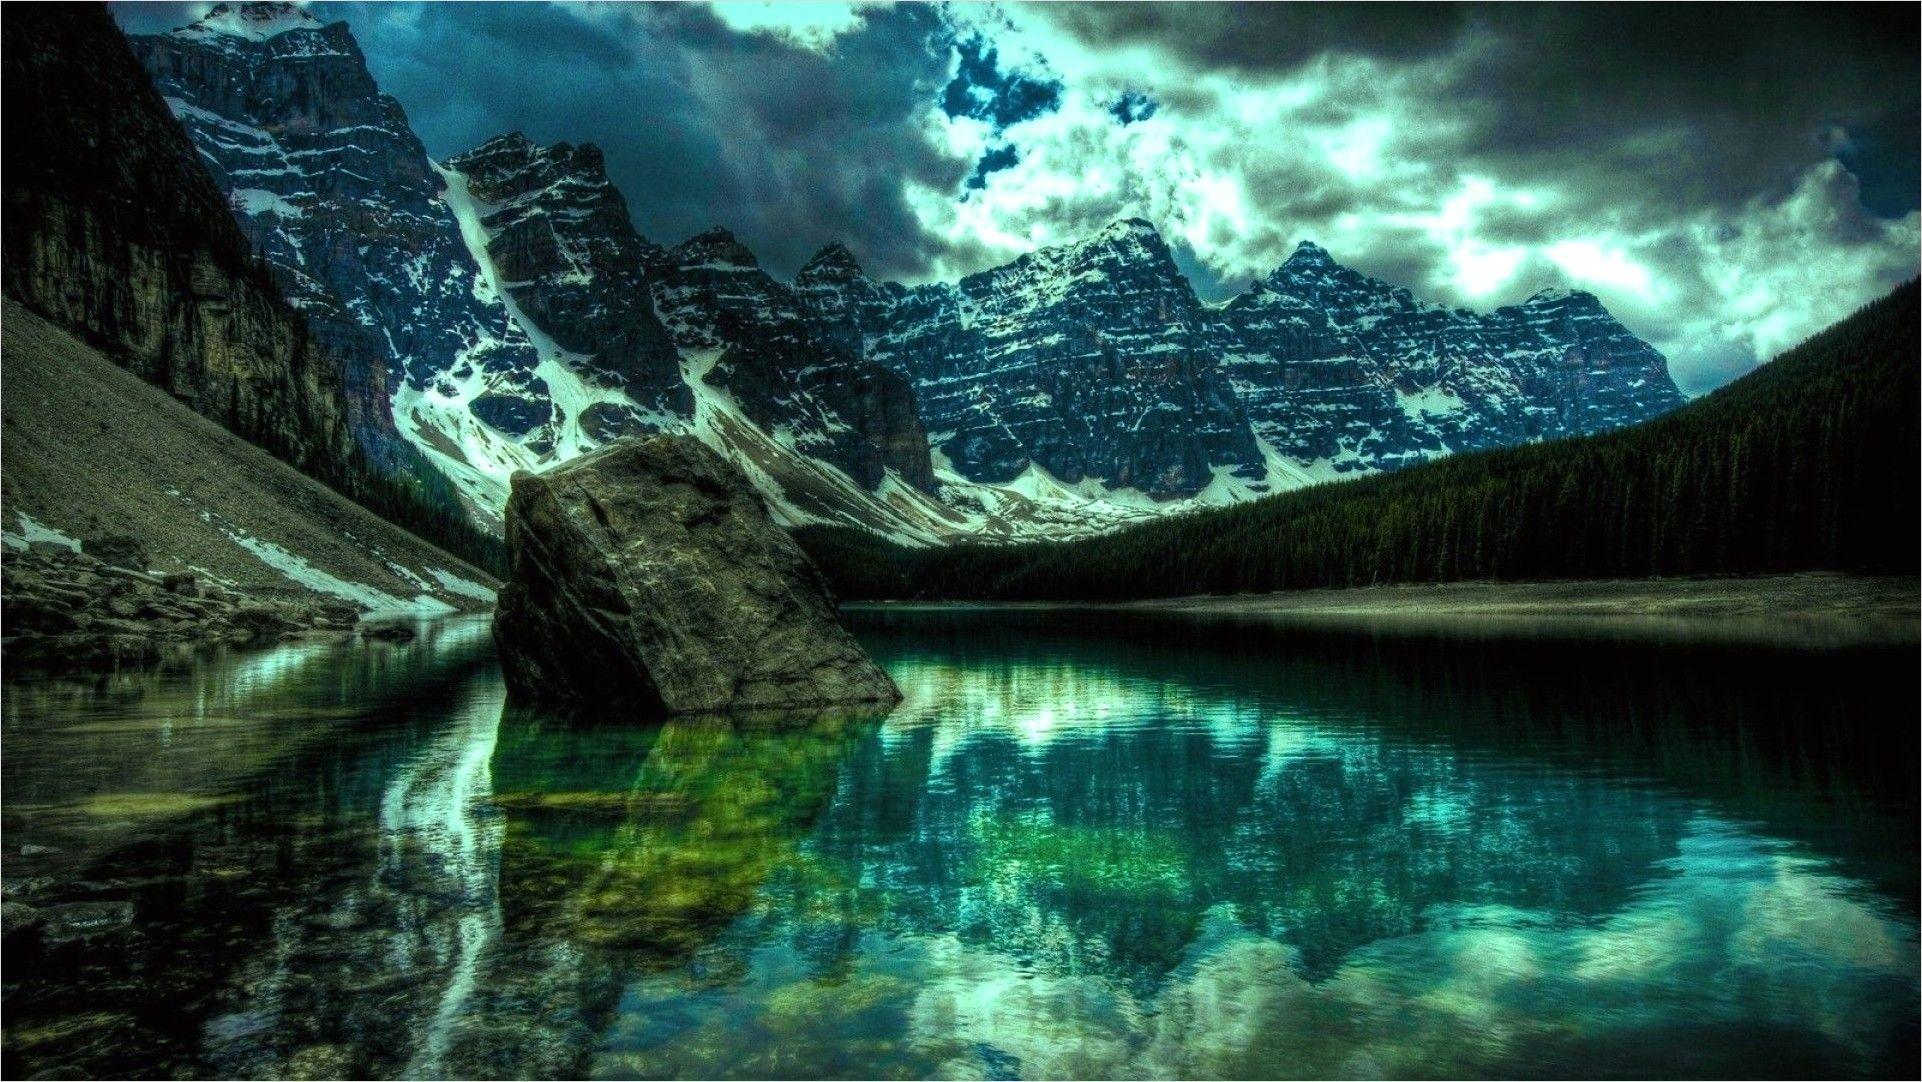 1980 X 1920 Wallpaper 4k In 2020 Desktop Background Nature Computer Wallpaper Desktop Wallpapers Nature Pictures